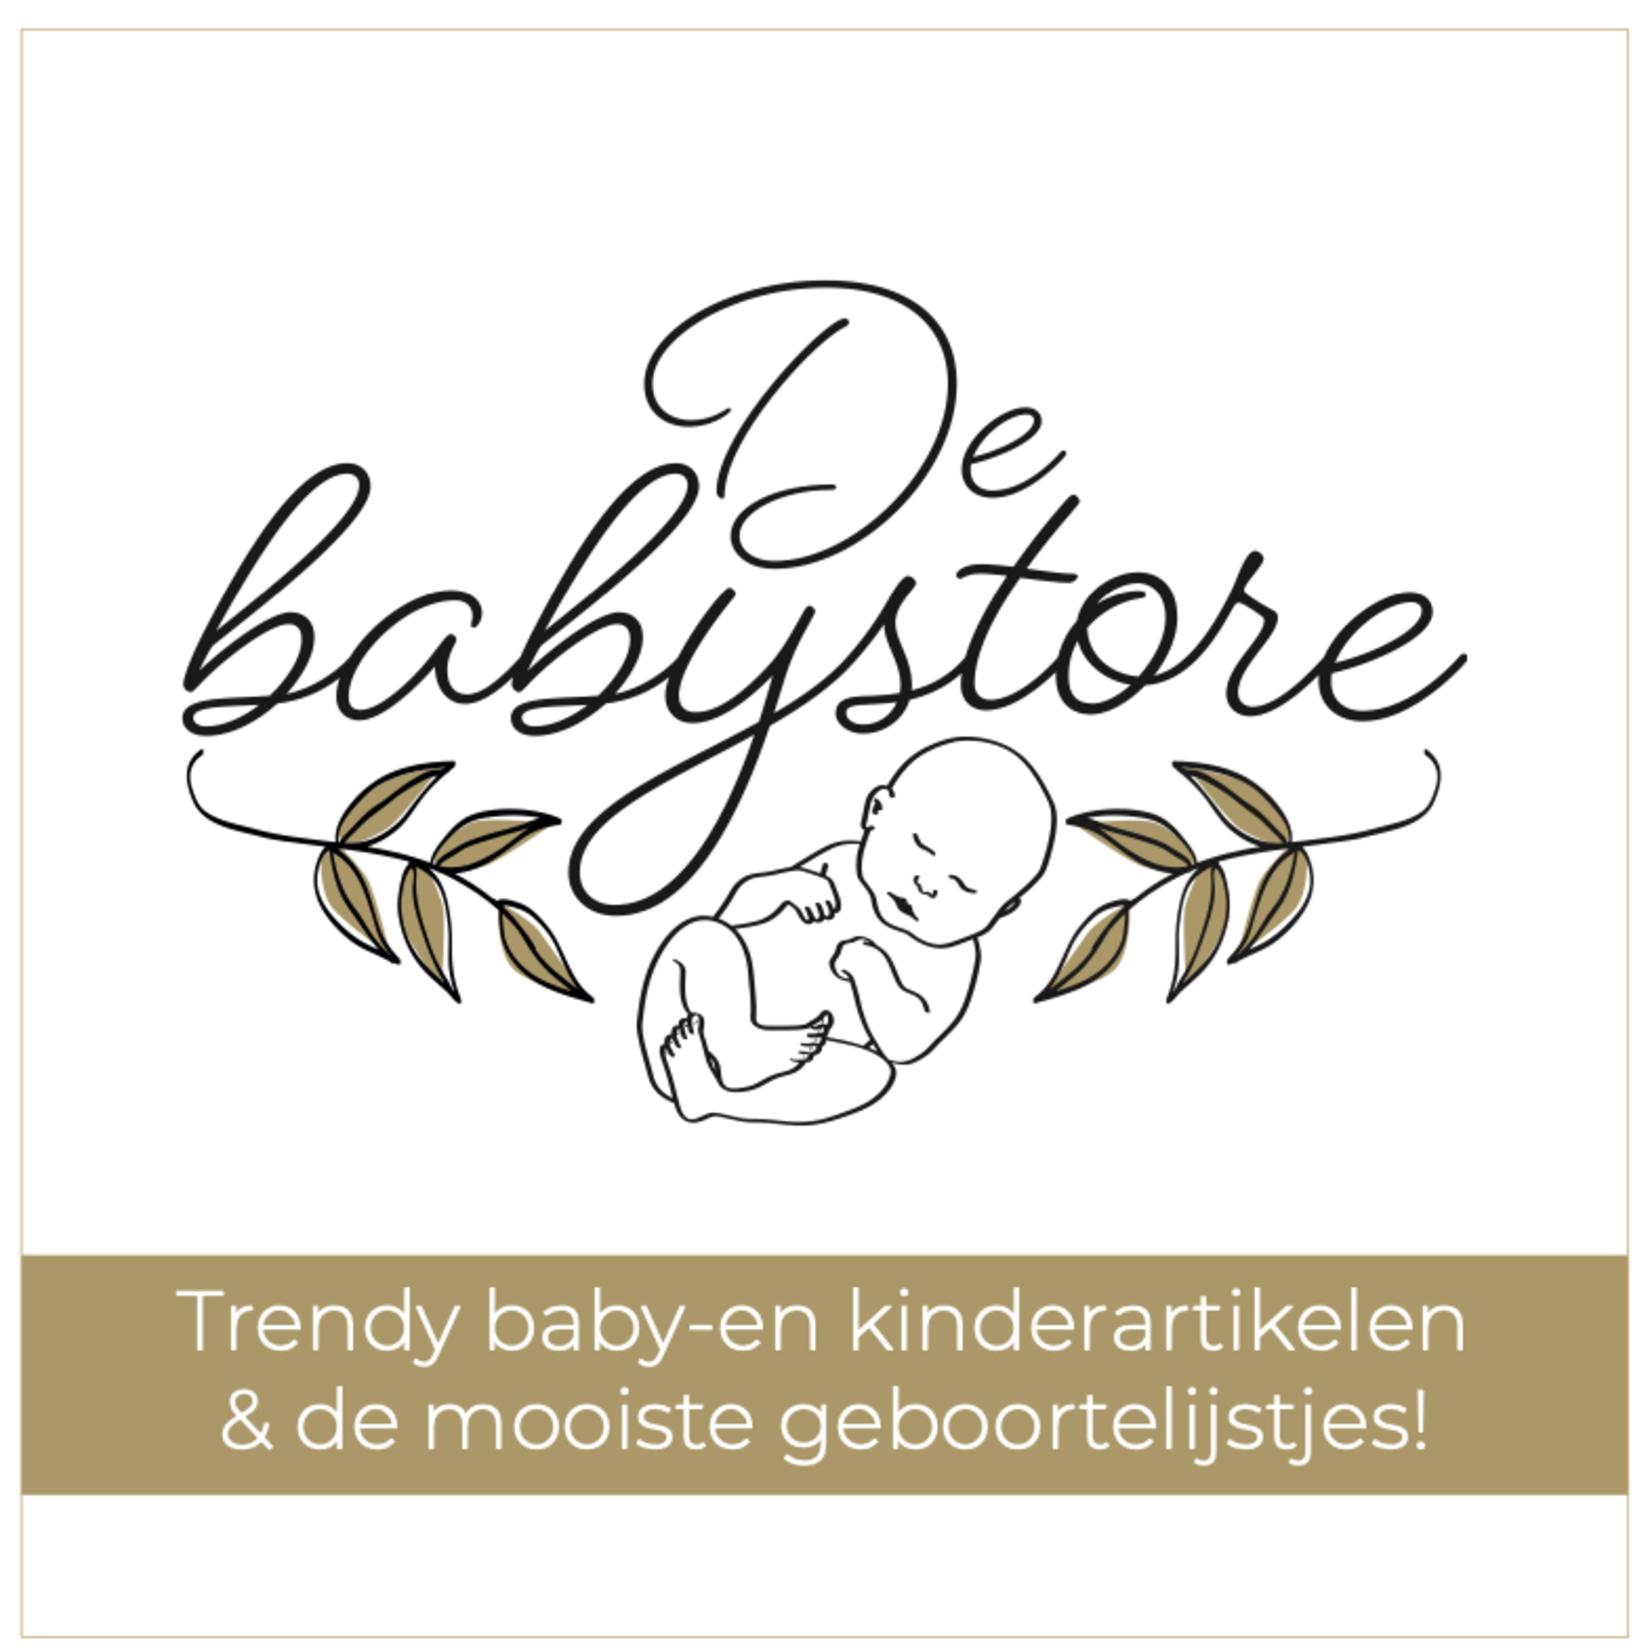 De babystore De babystore Papieren Geschenkbon 25 euro